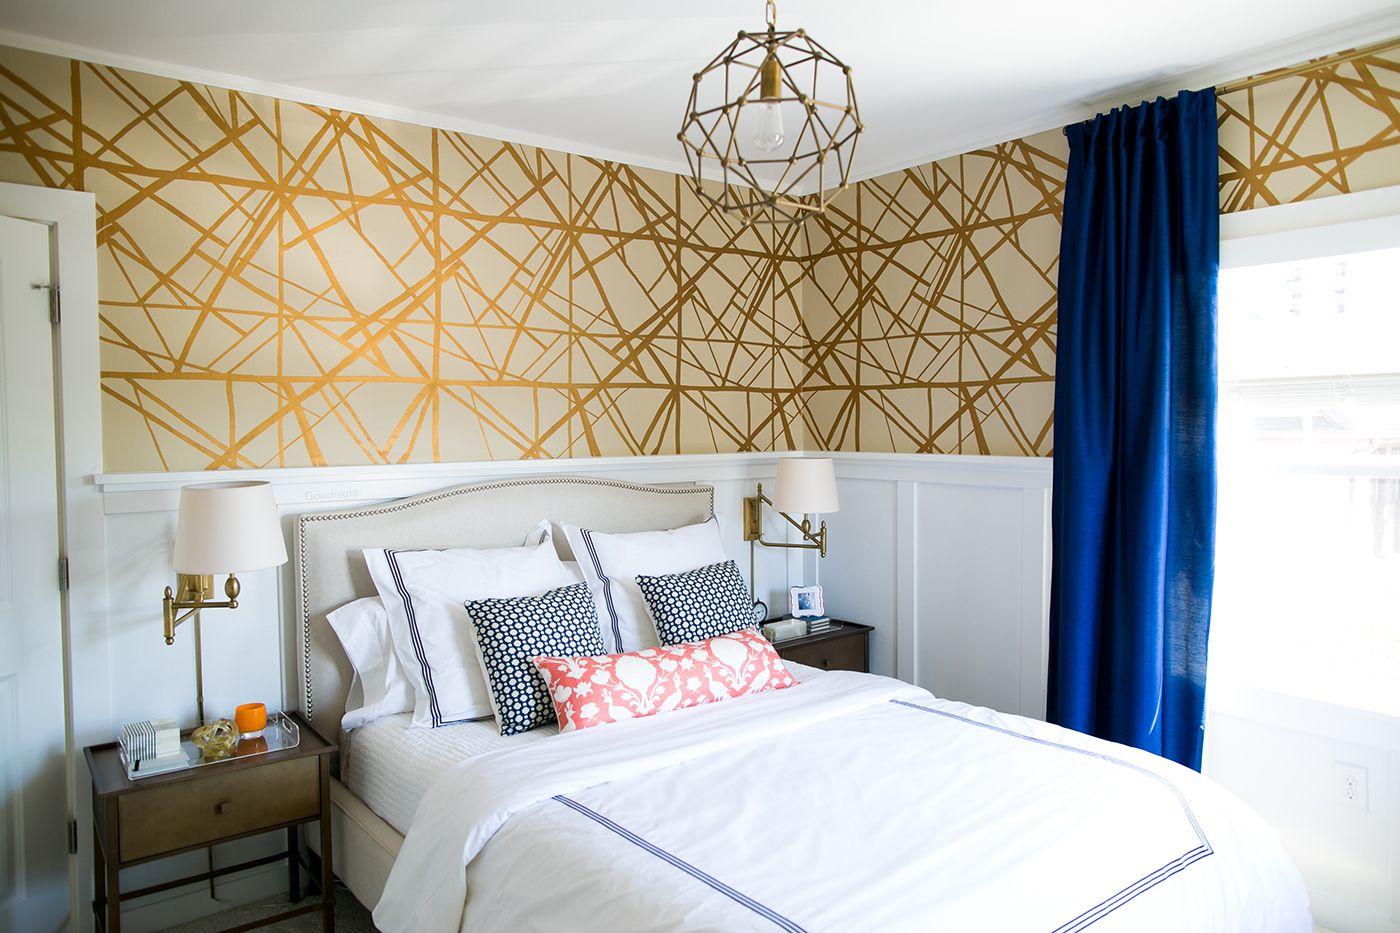 manderley-design-co-master-bedroom-la-luz-photography-1.jpg